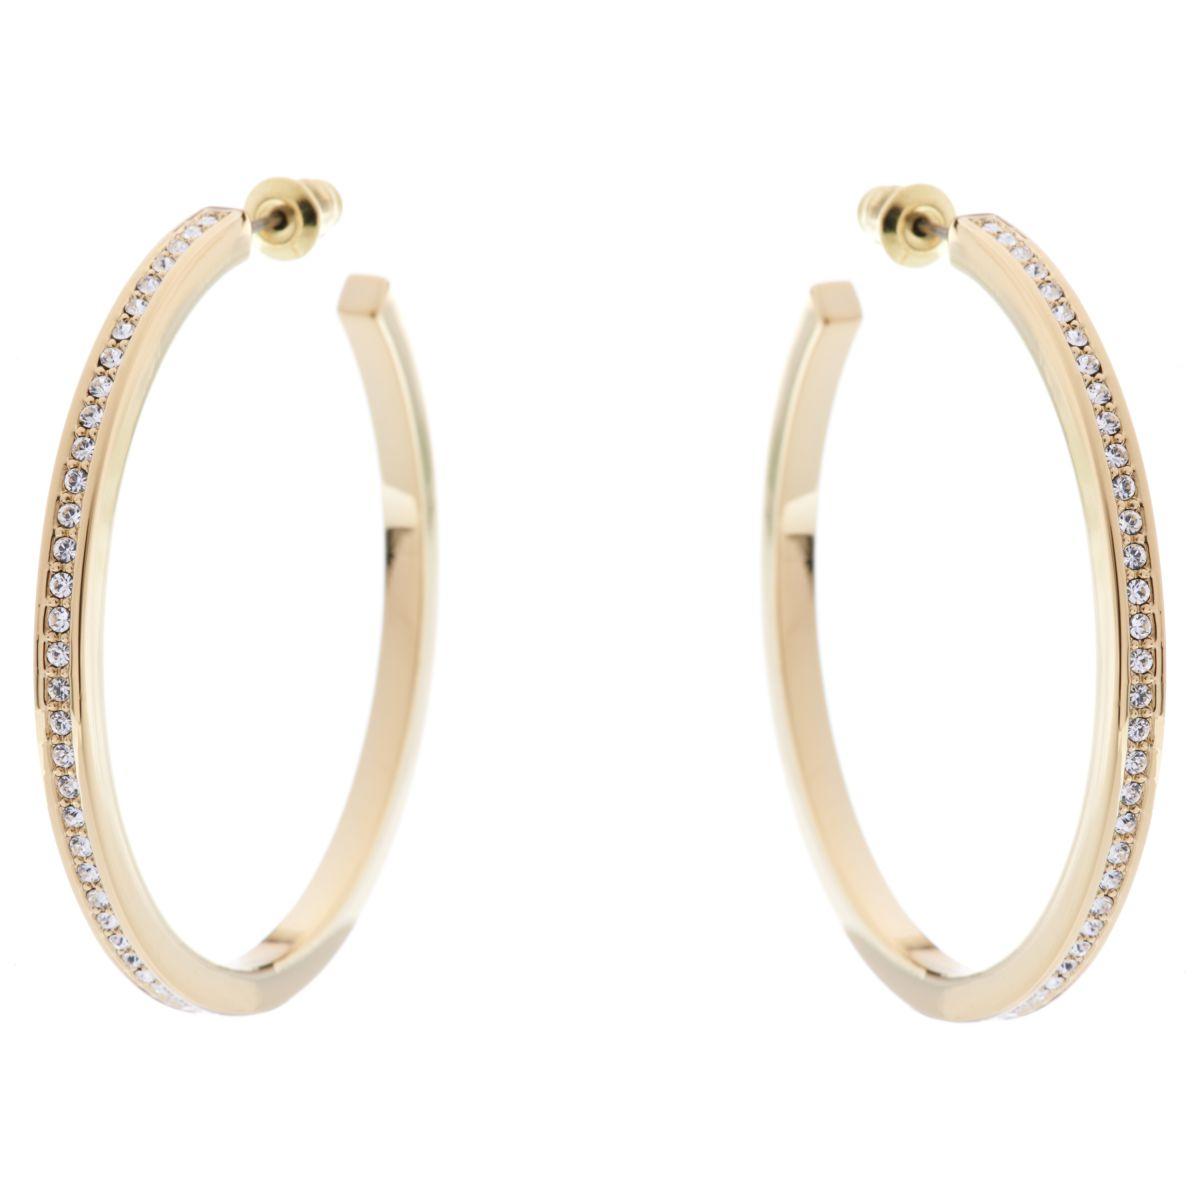 Ladies Karen Millen Large Hoop Earrings